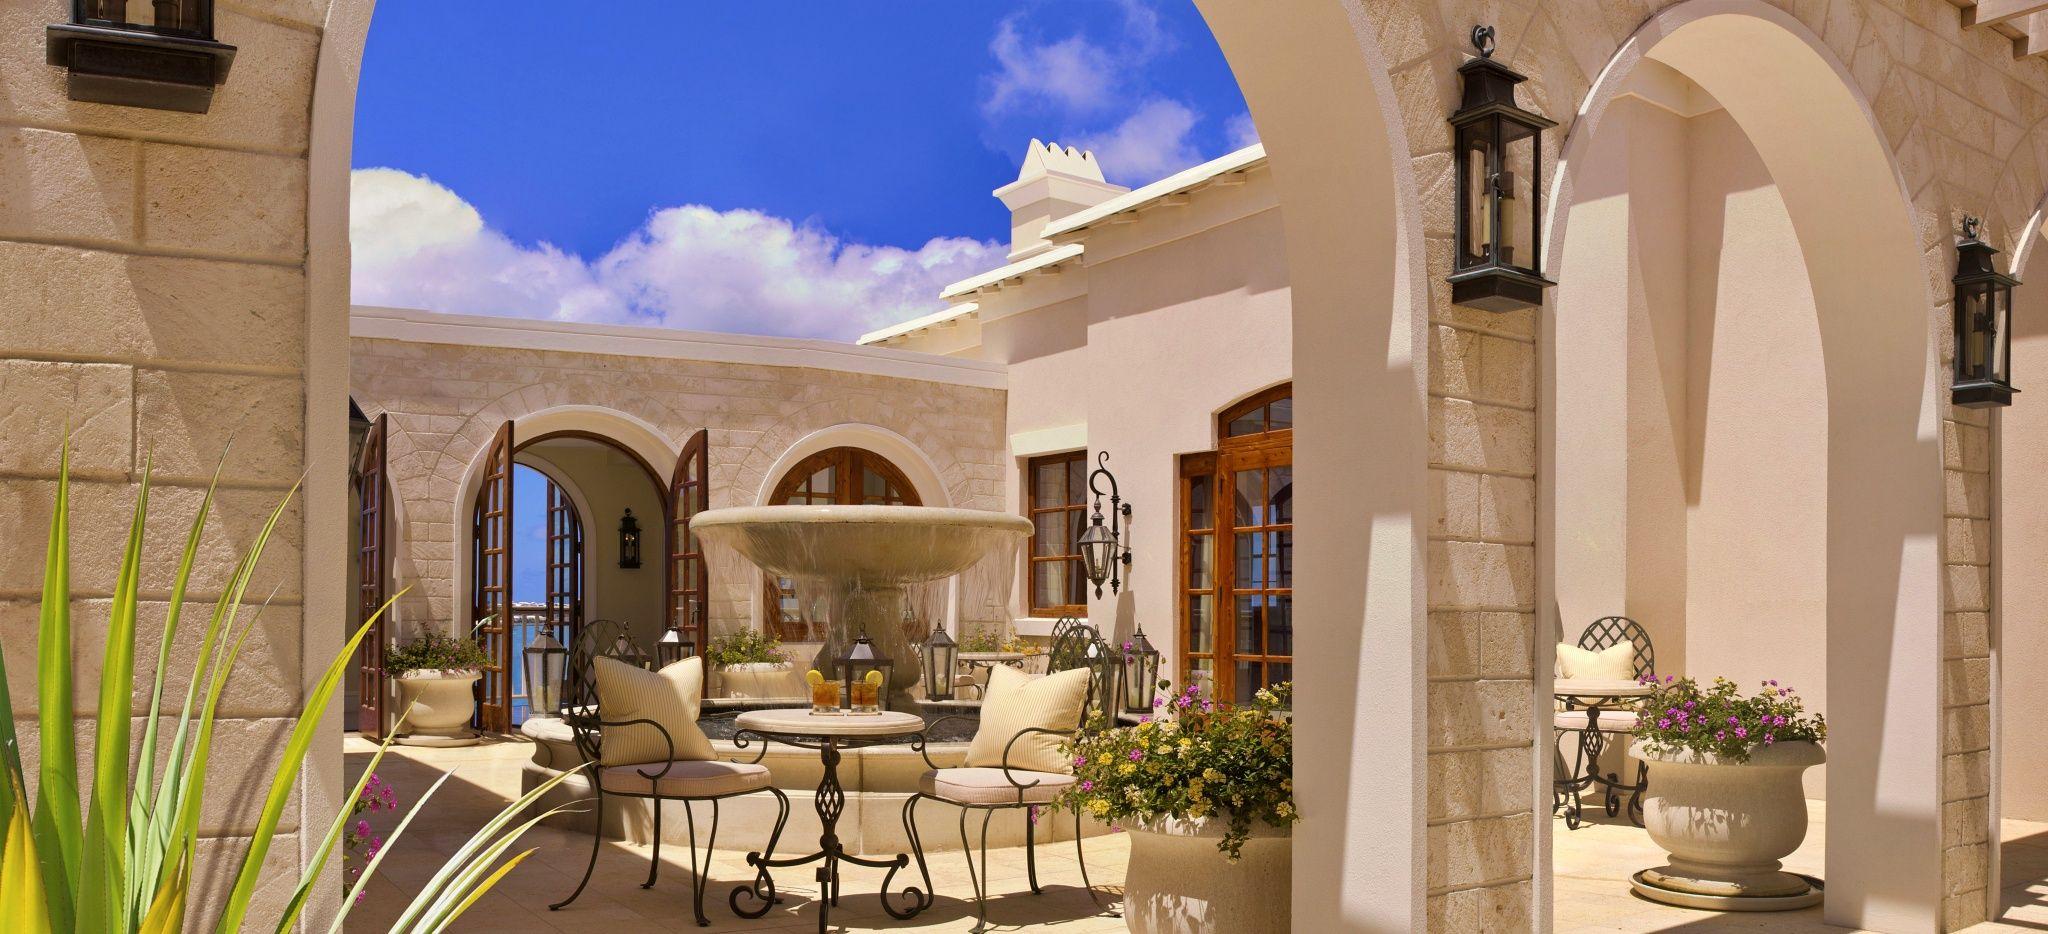 """Ein Springbrunnen in einem weißen, offenen Gewölbe im Hotel """"Rosewood Tucker's Point"""""""